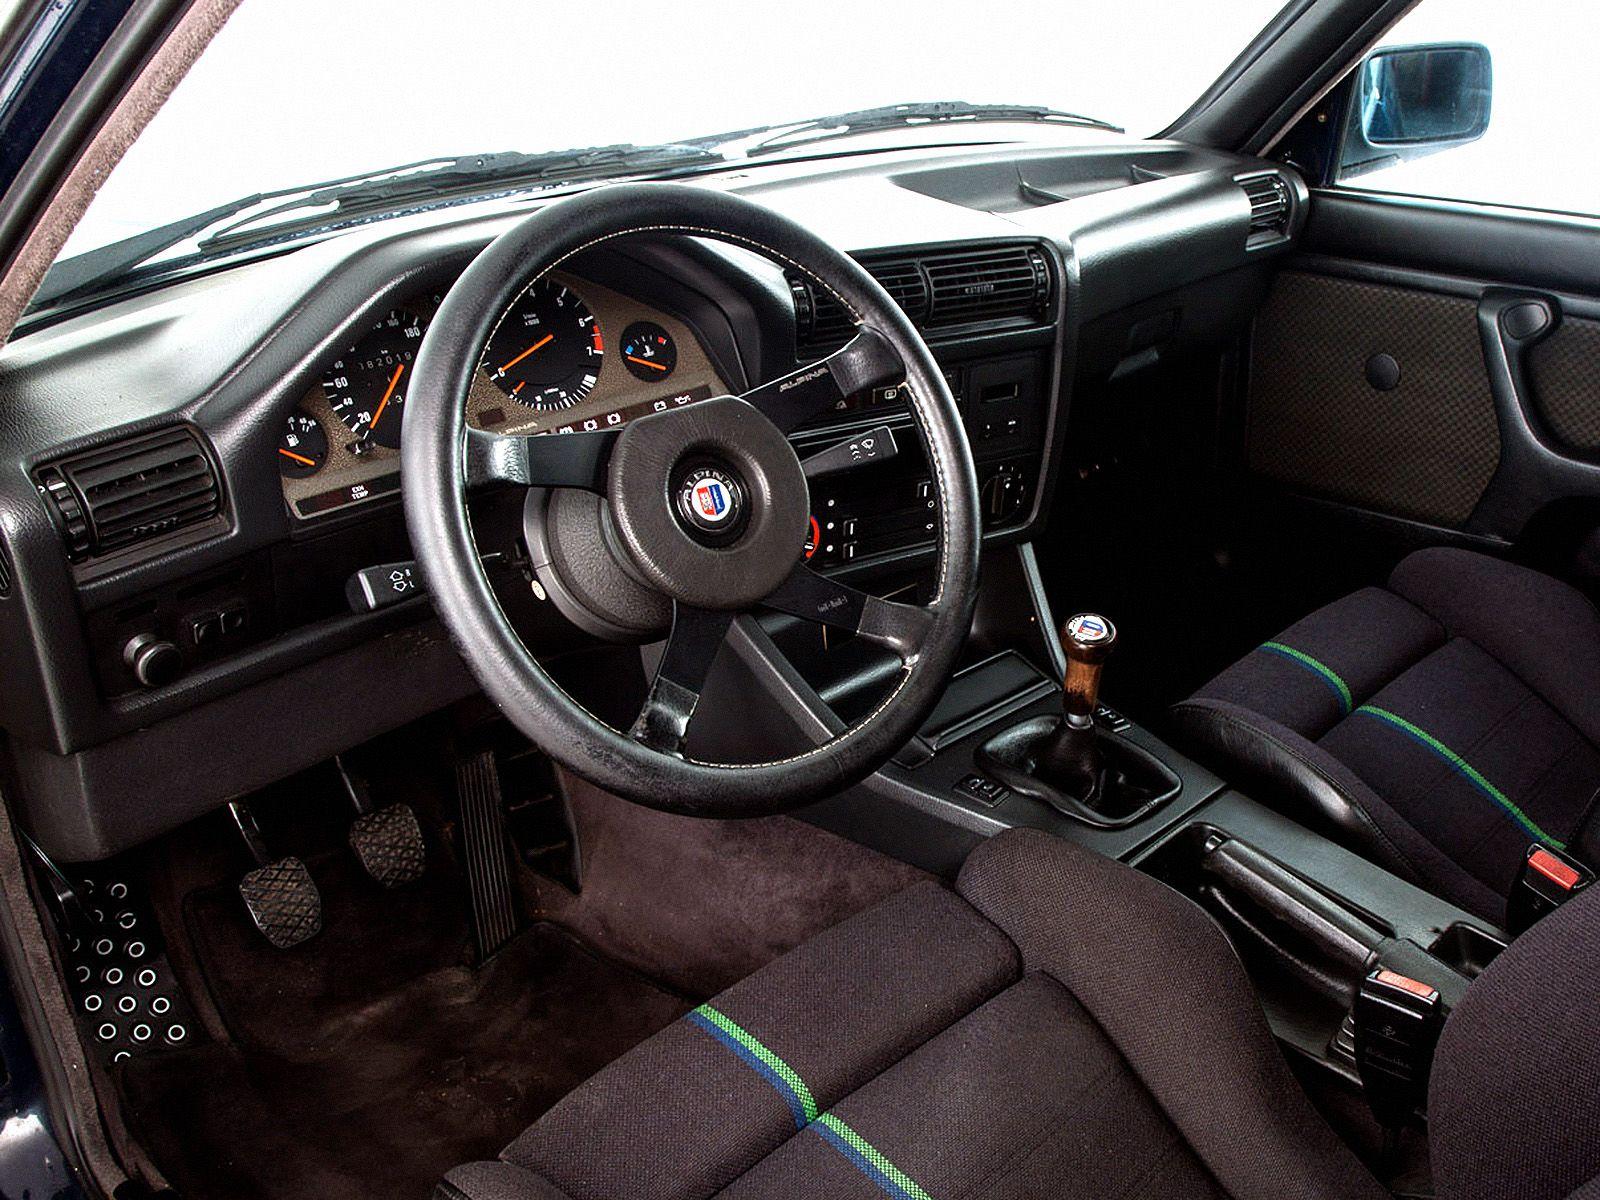 Interior Alpina C1 2 3 E30 08 1983 11 1985 Bmw E30 E30 Bmw